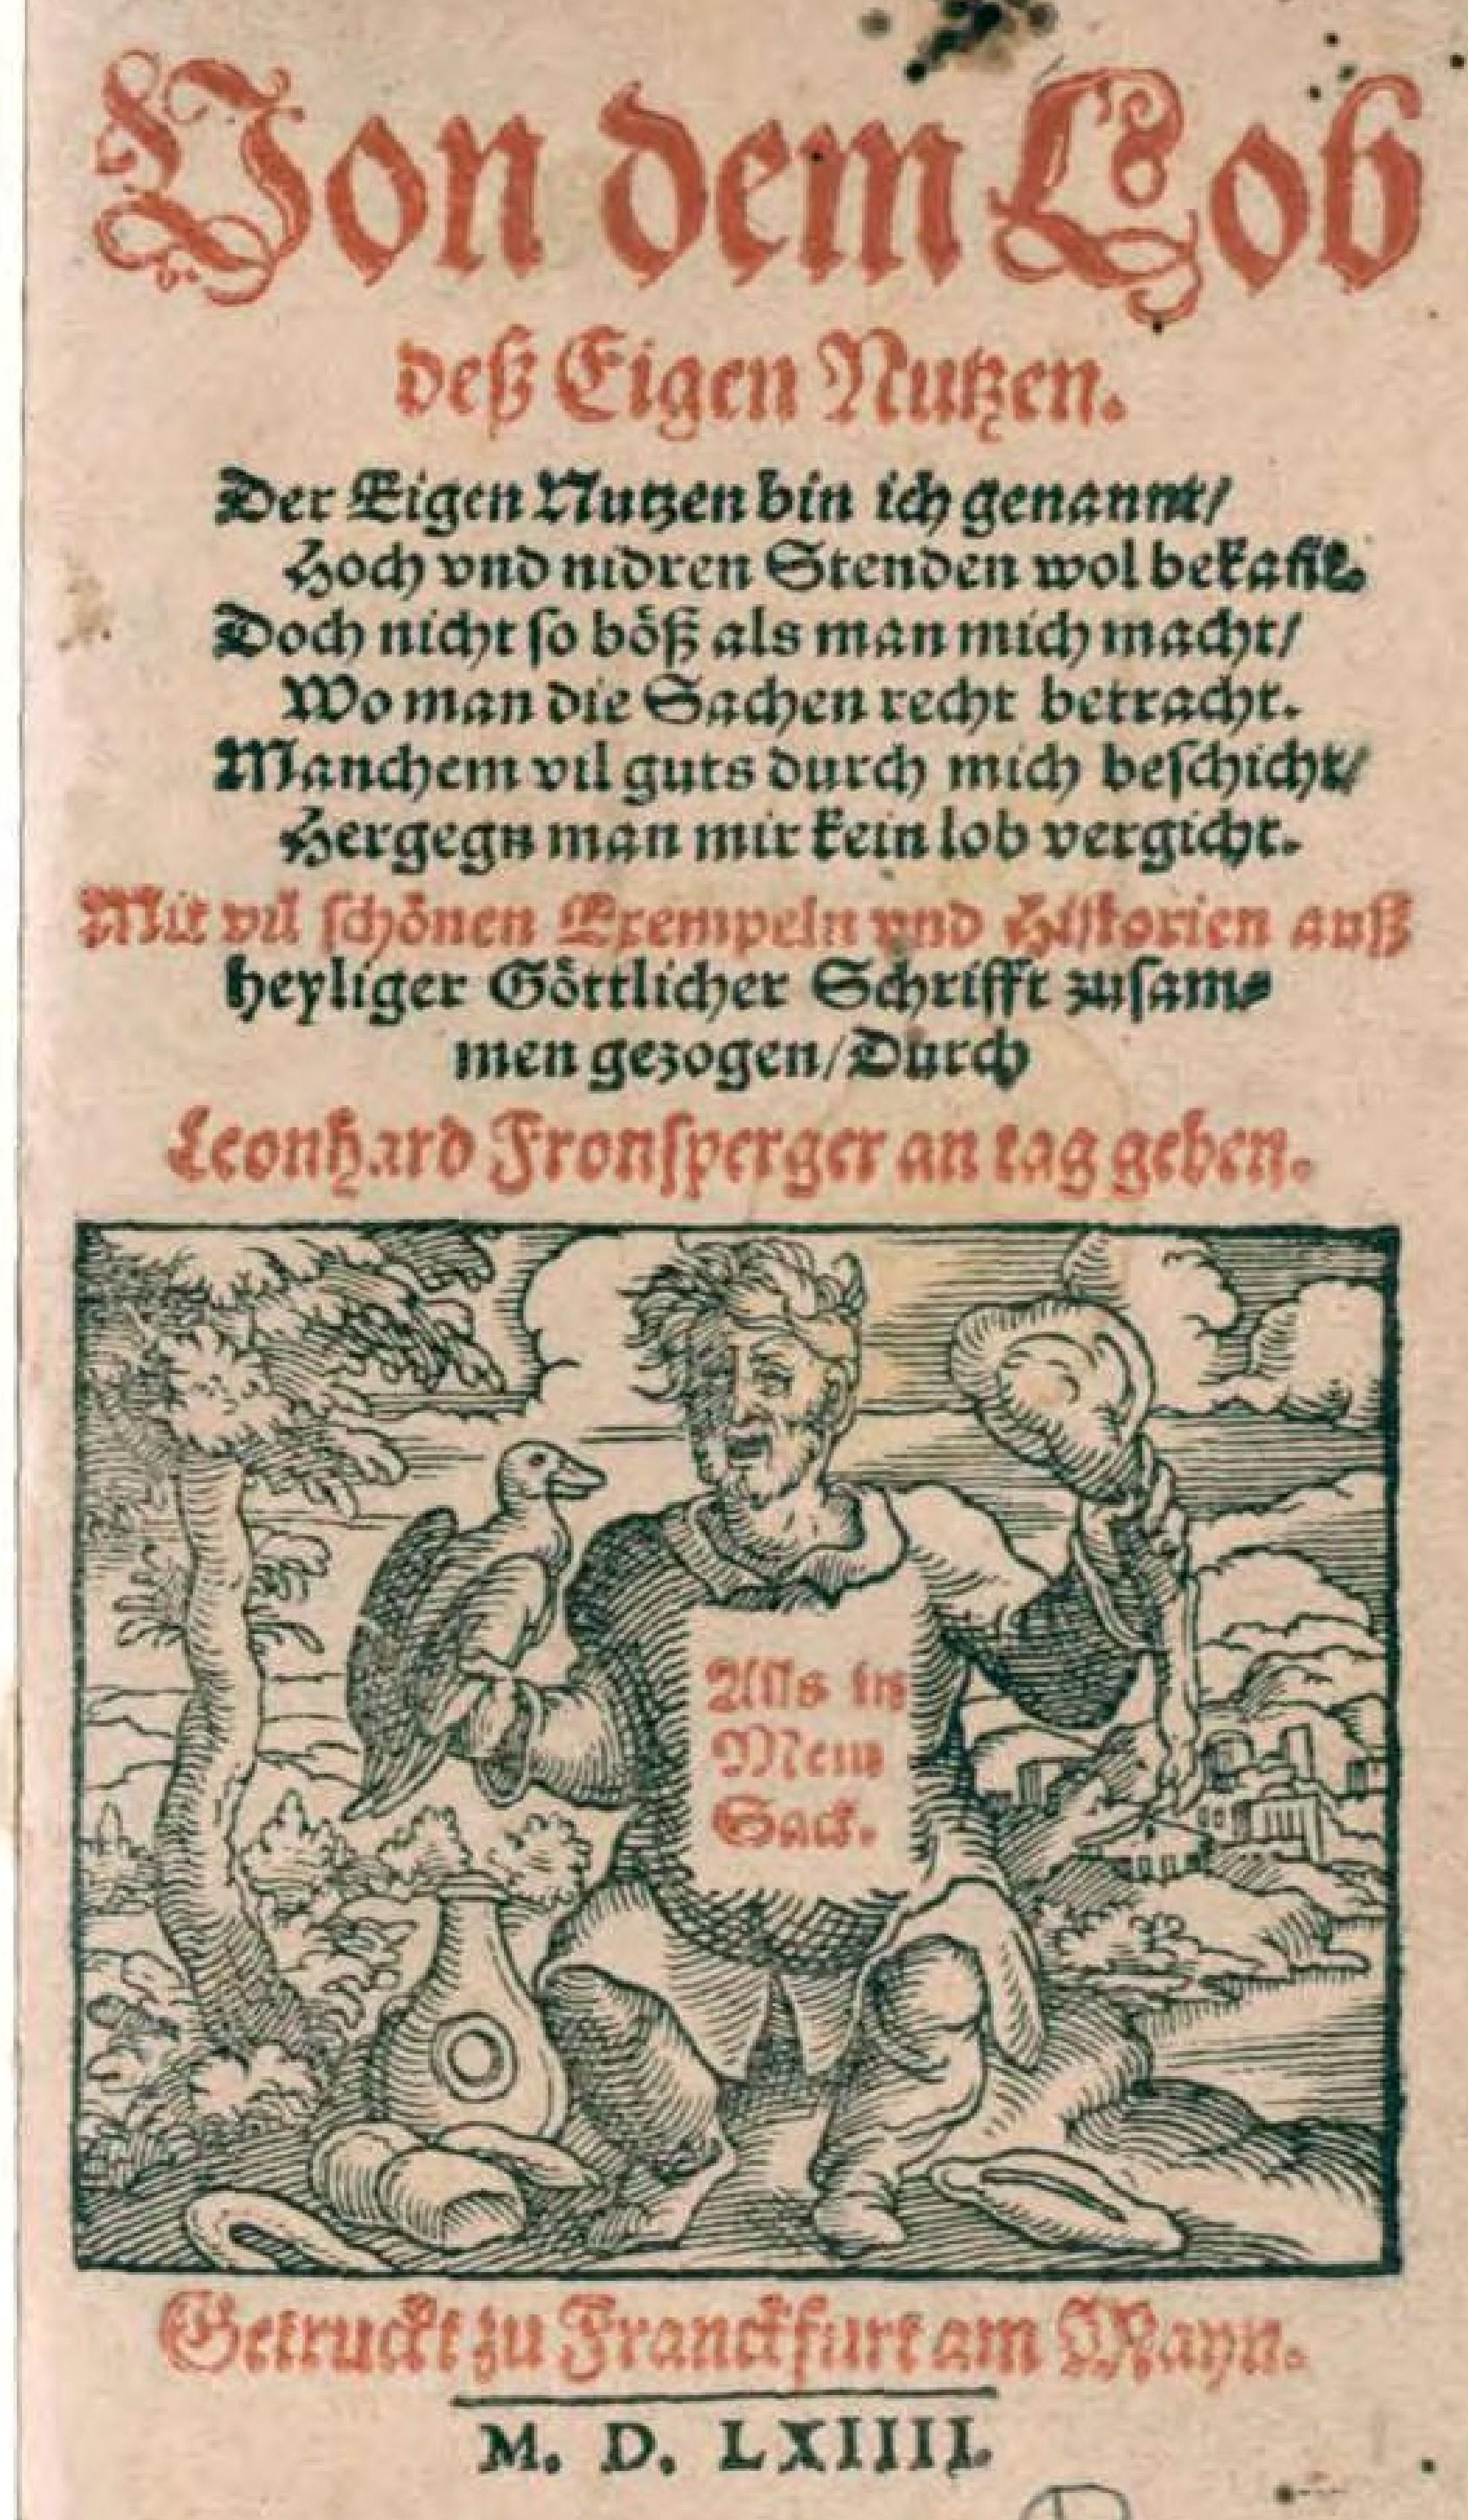 Fronsperger - Von dem Lob deß Eigen Nutzen (Titelblatt)